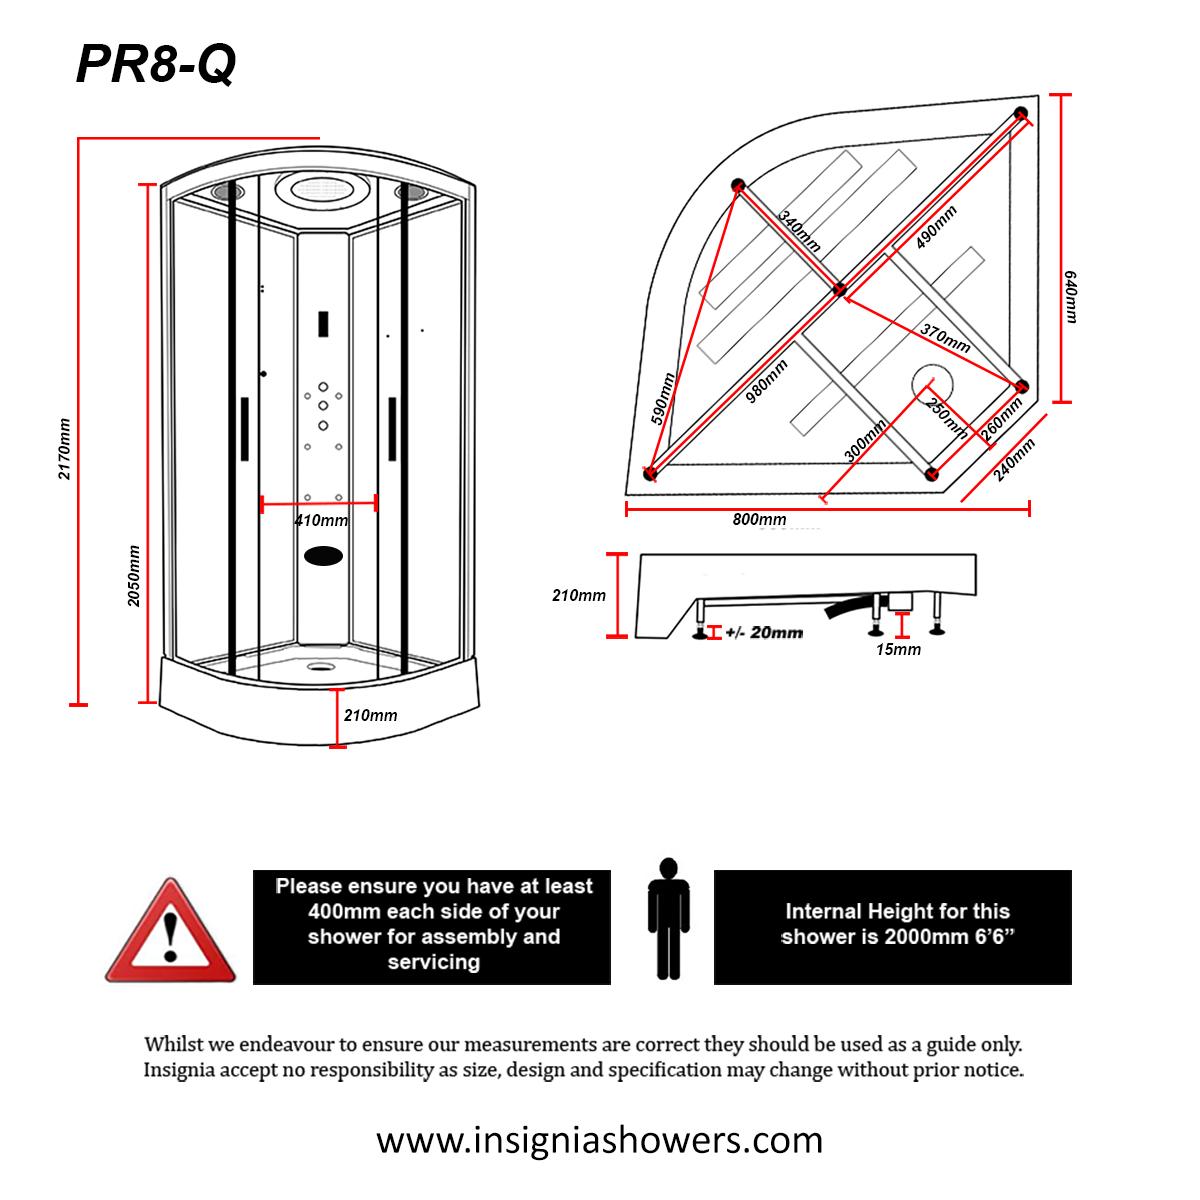 PR8-Q